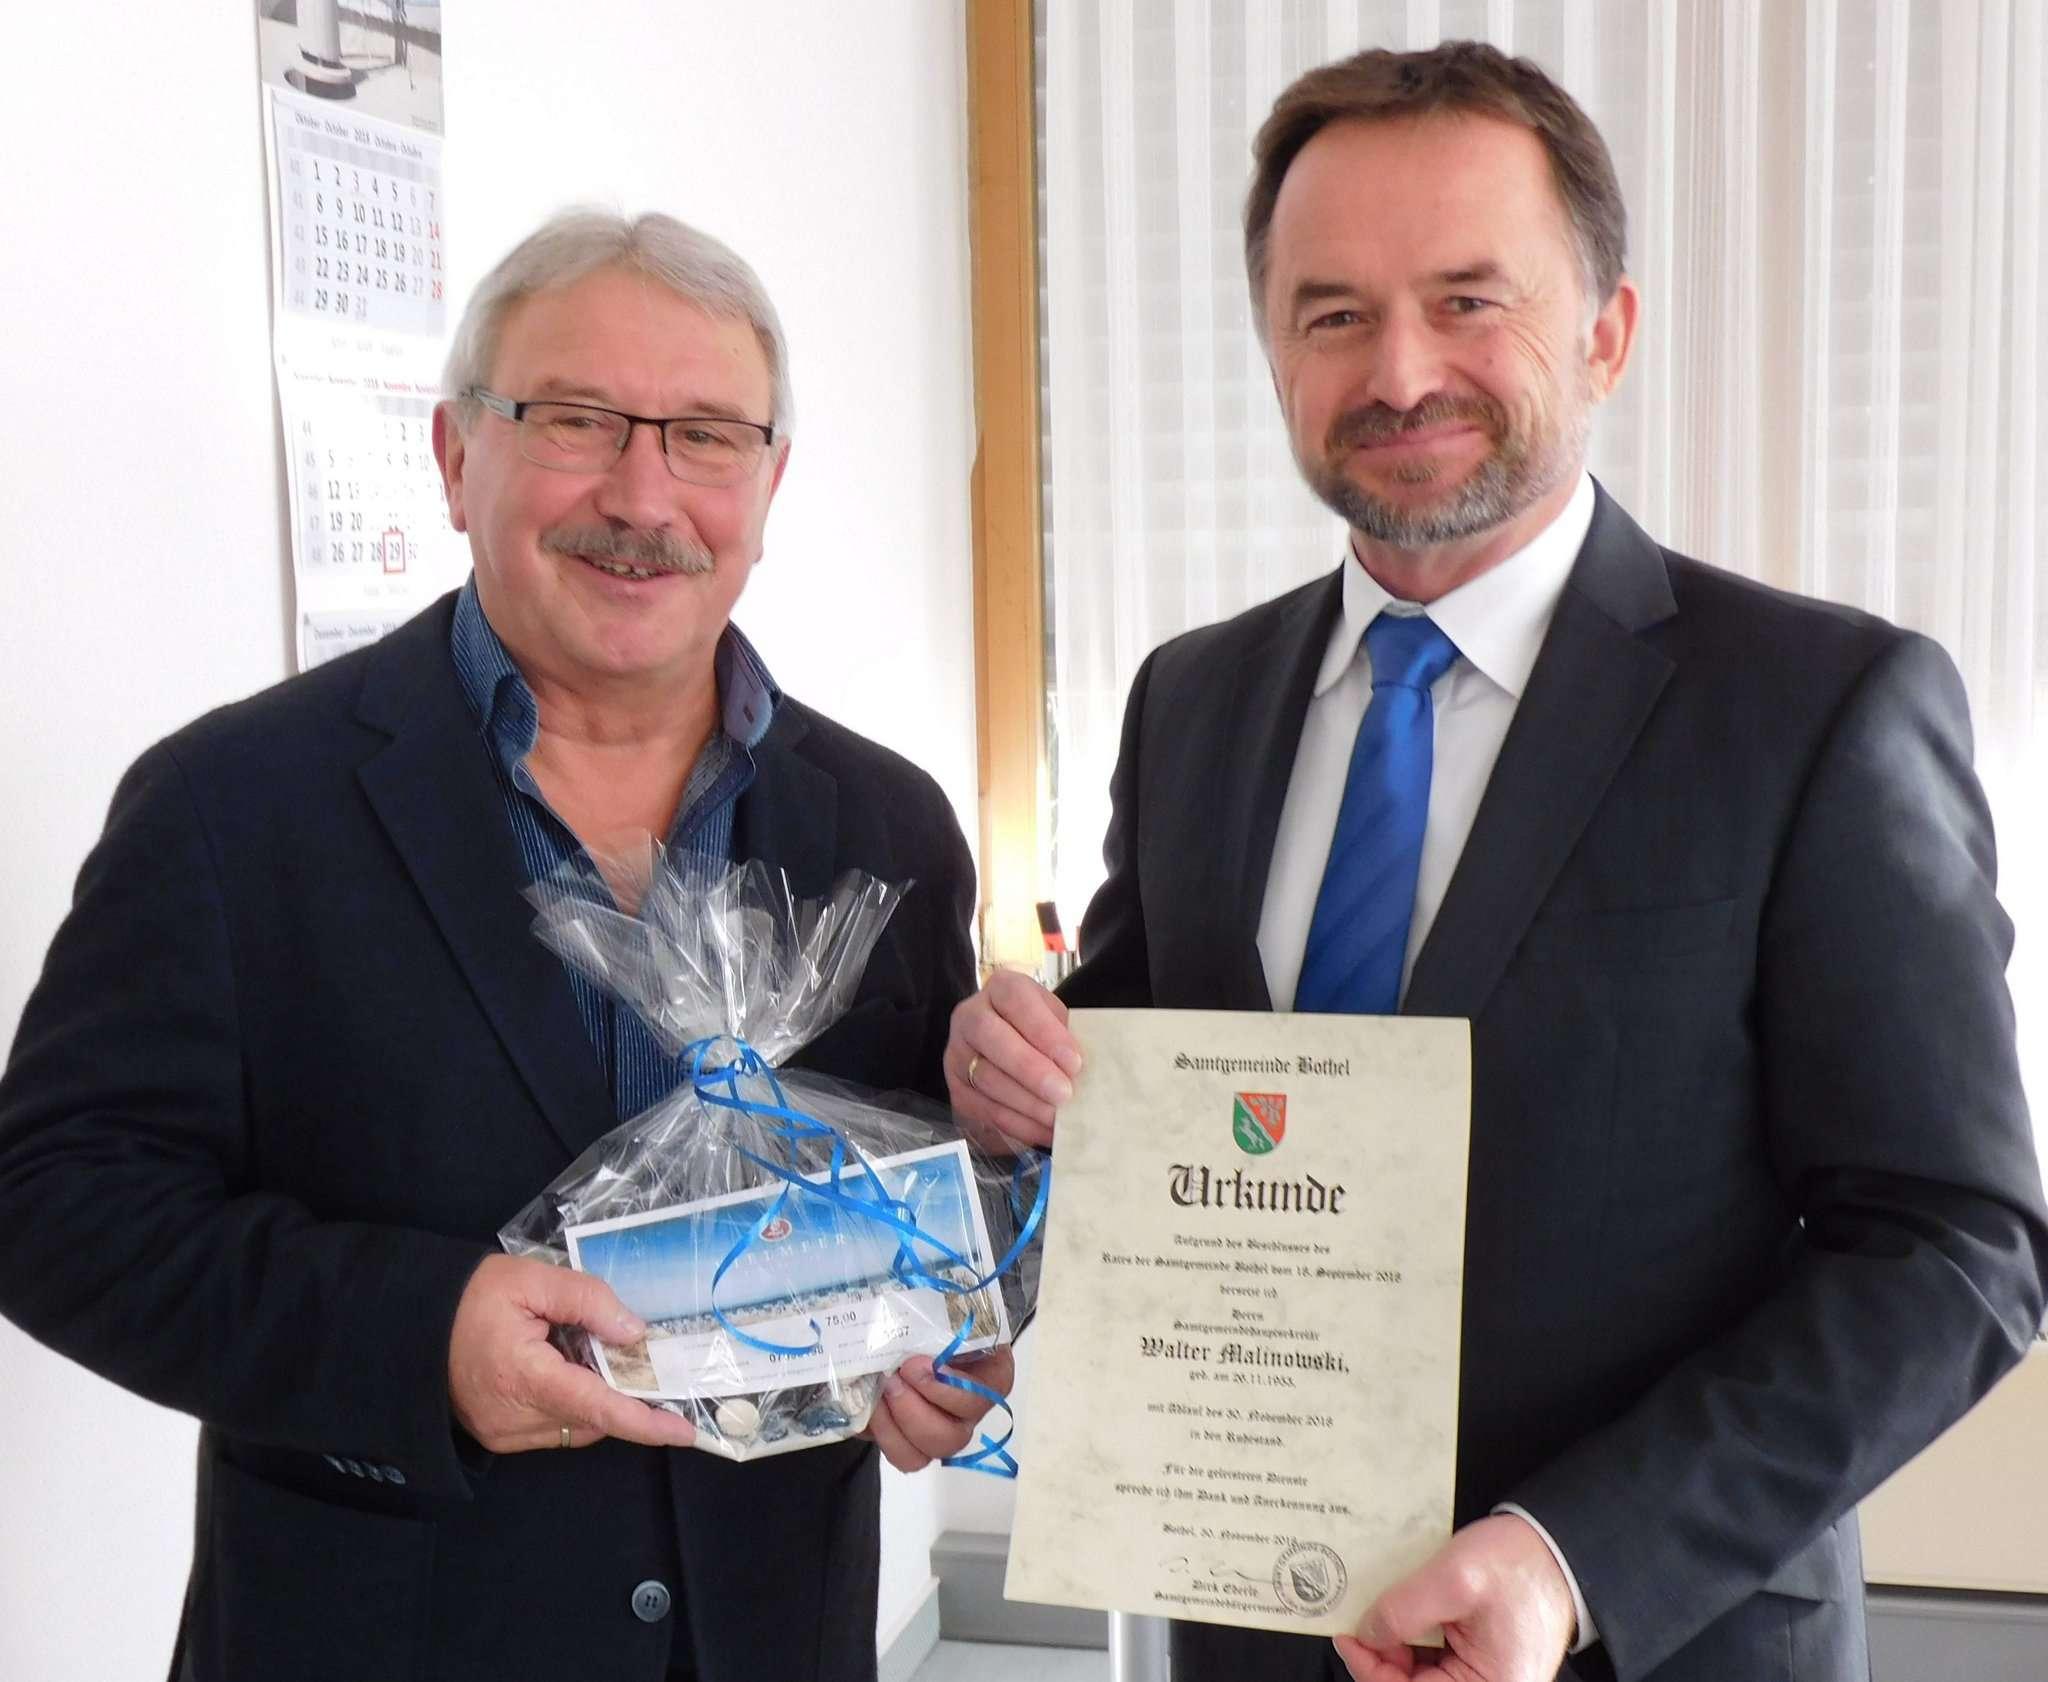 Dirk Eberle (rechts) bedankte sich bei Walter Malinowski und wünschte ihm für die Zeit im Ruhestand alles Gute. Foto: Jens Lou00ebs